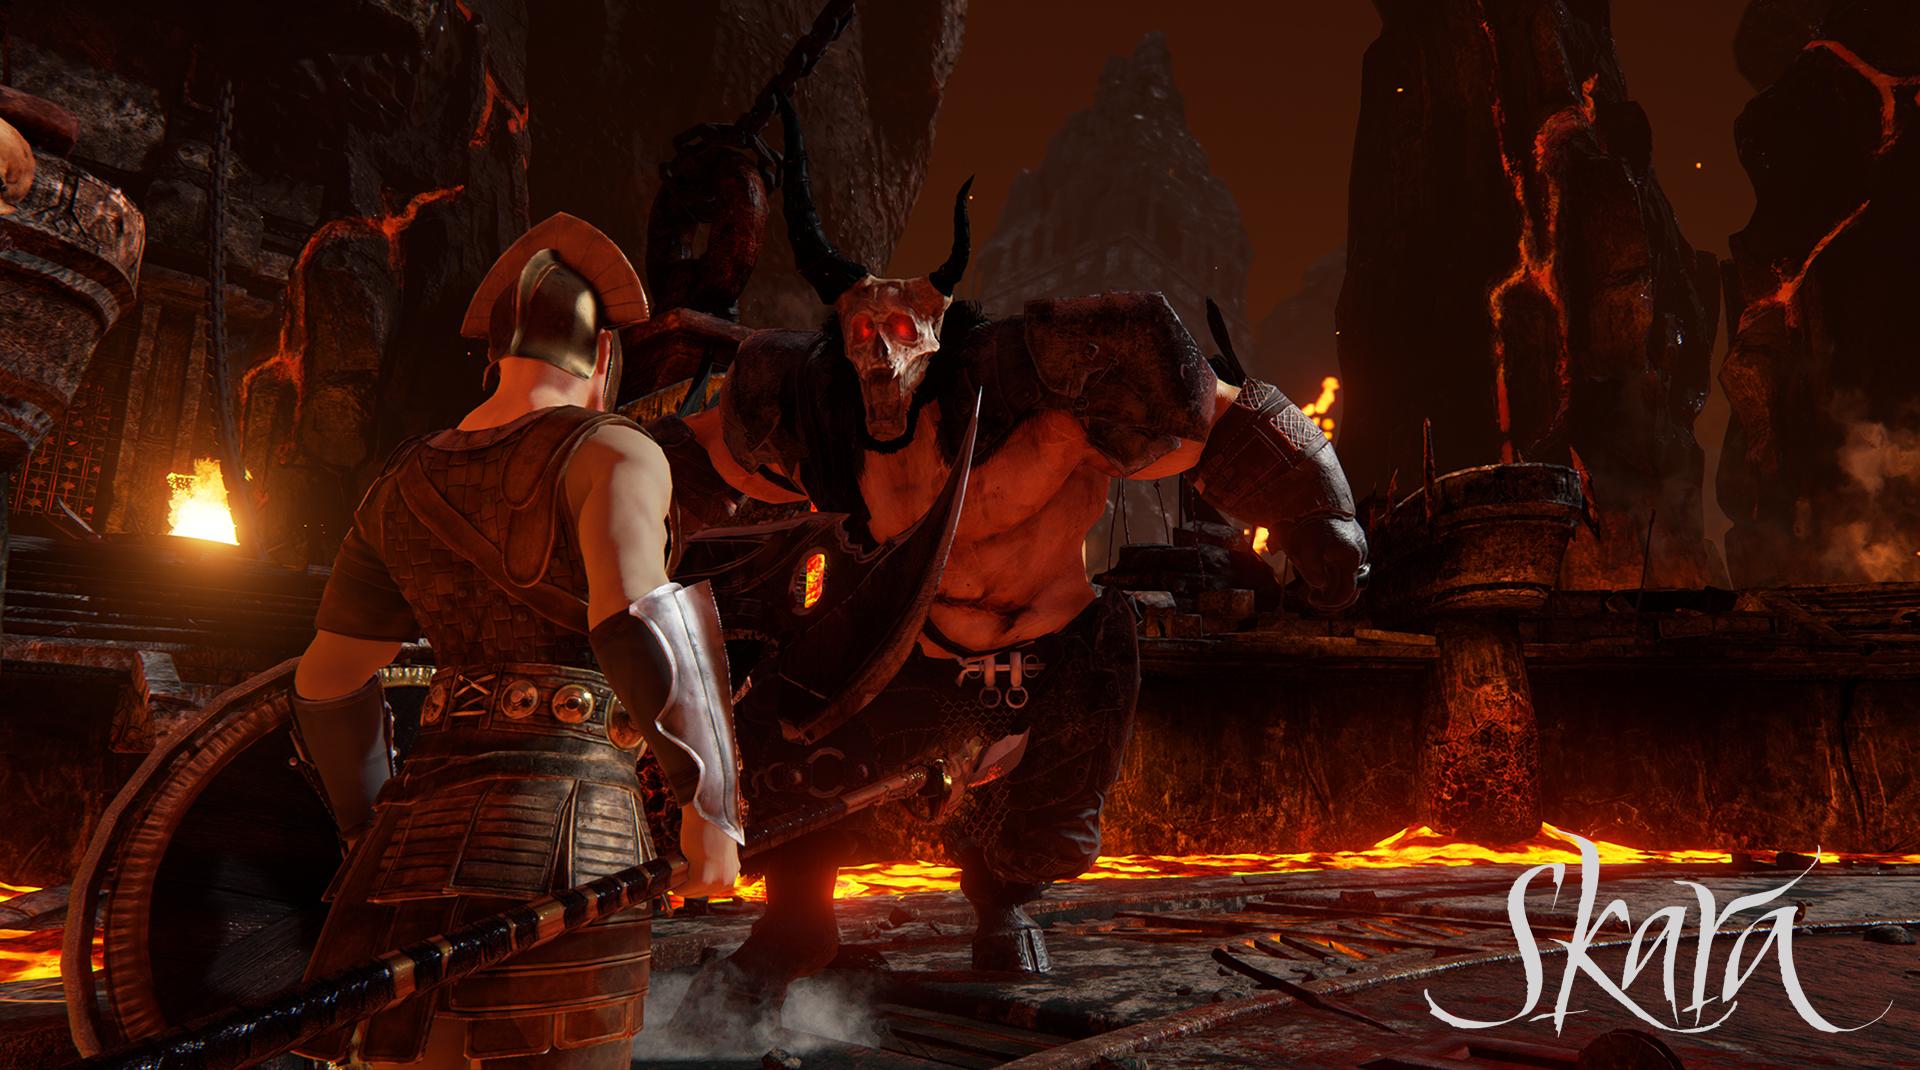 EA Screenshots 41